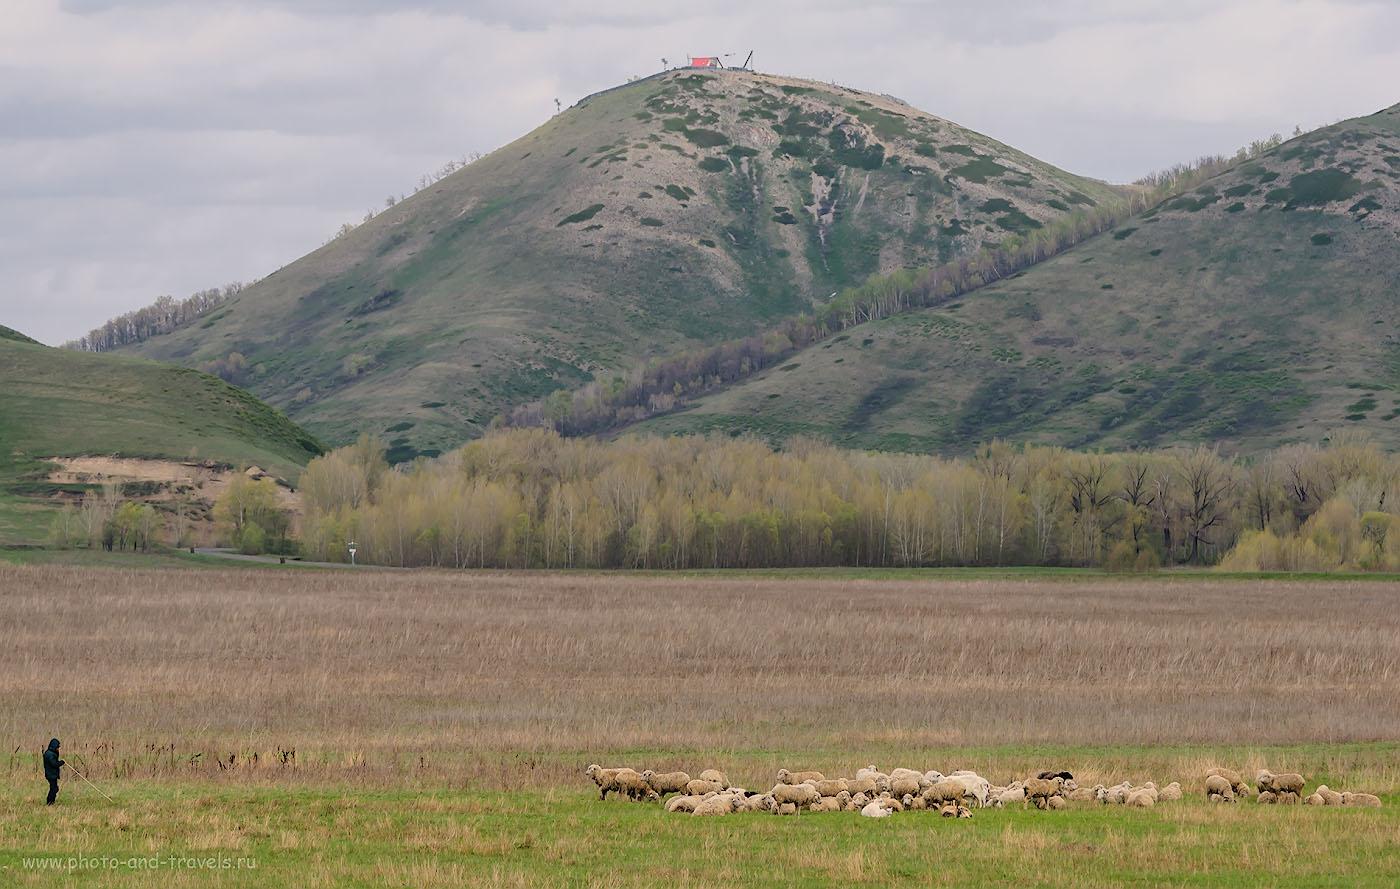 Фотография 12. Типичный пейзаж, который мы наблюдали, путешествуя по Башкортостану на авто. 1/200, -0.67, 8.0, 100, 135.